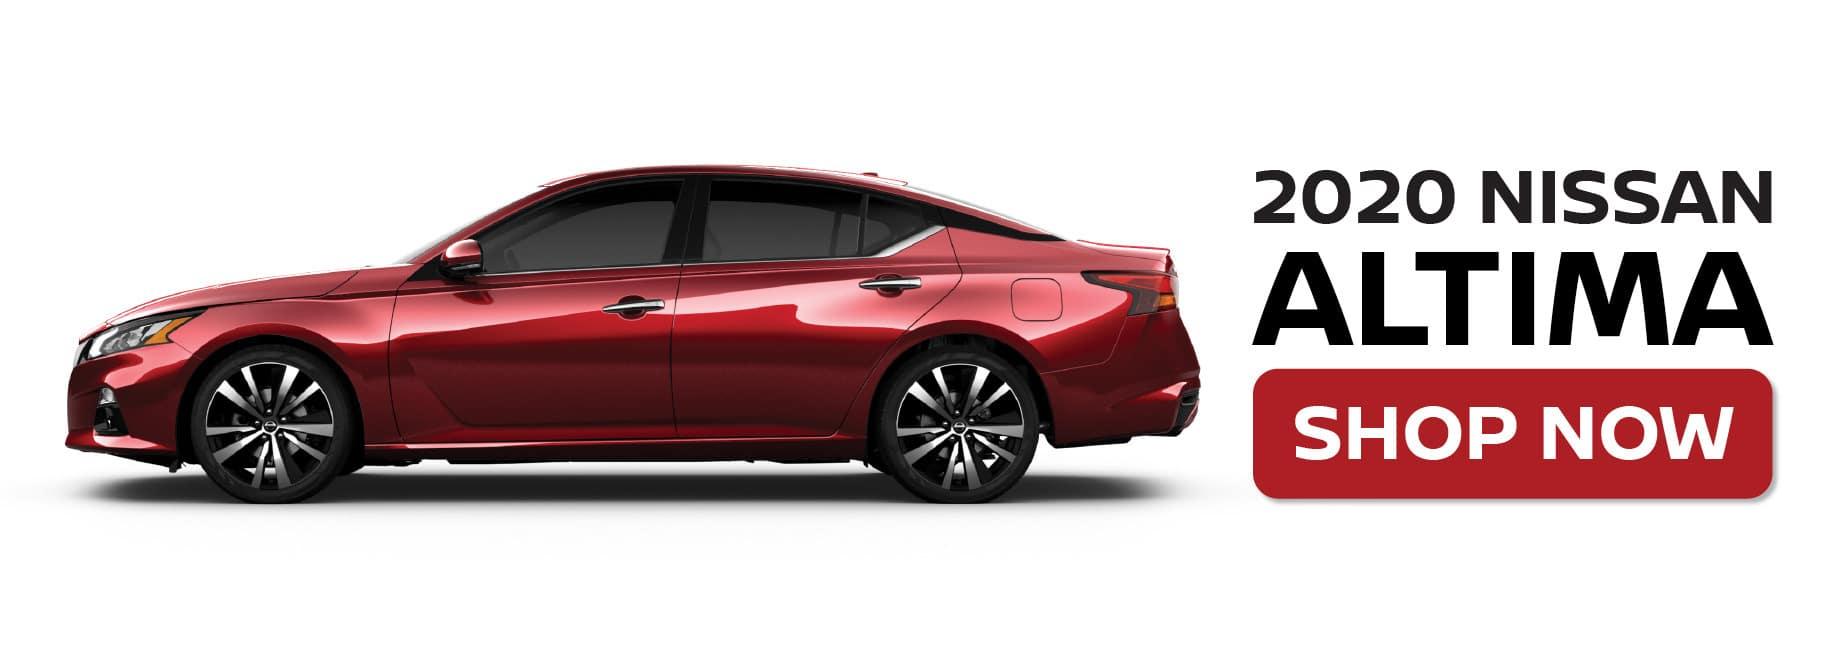 Nissan Altima Special